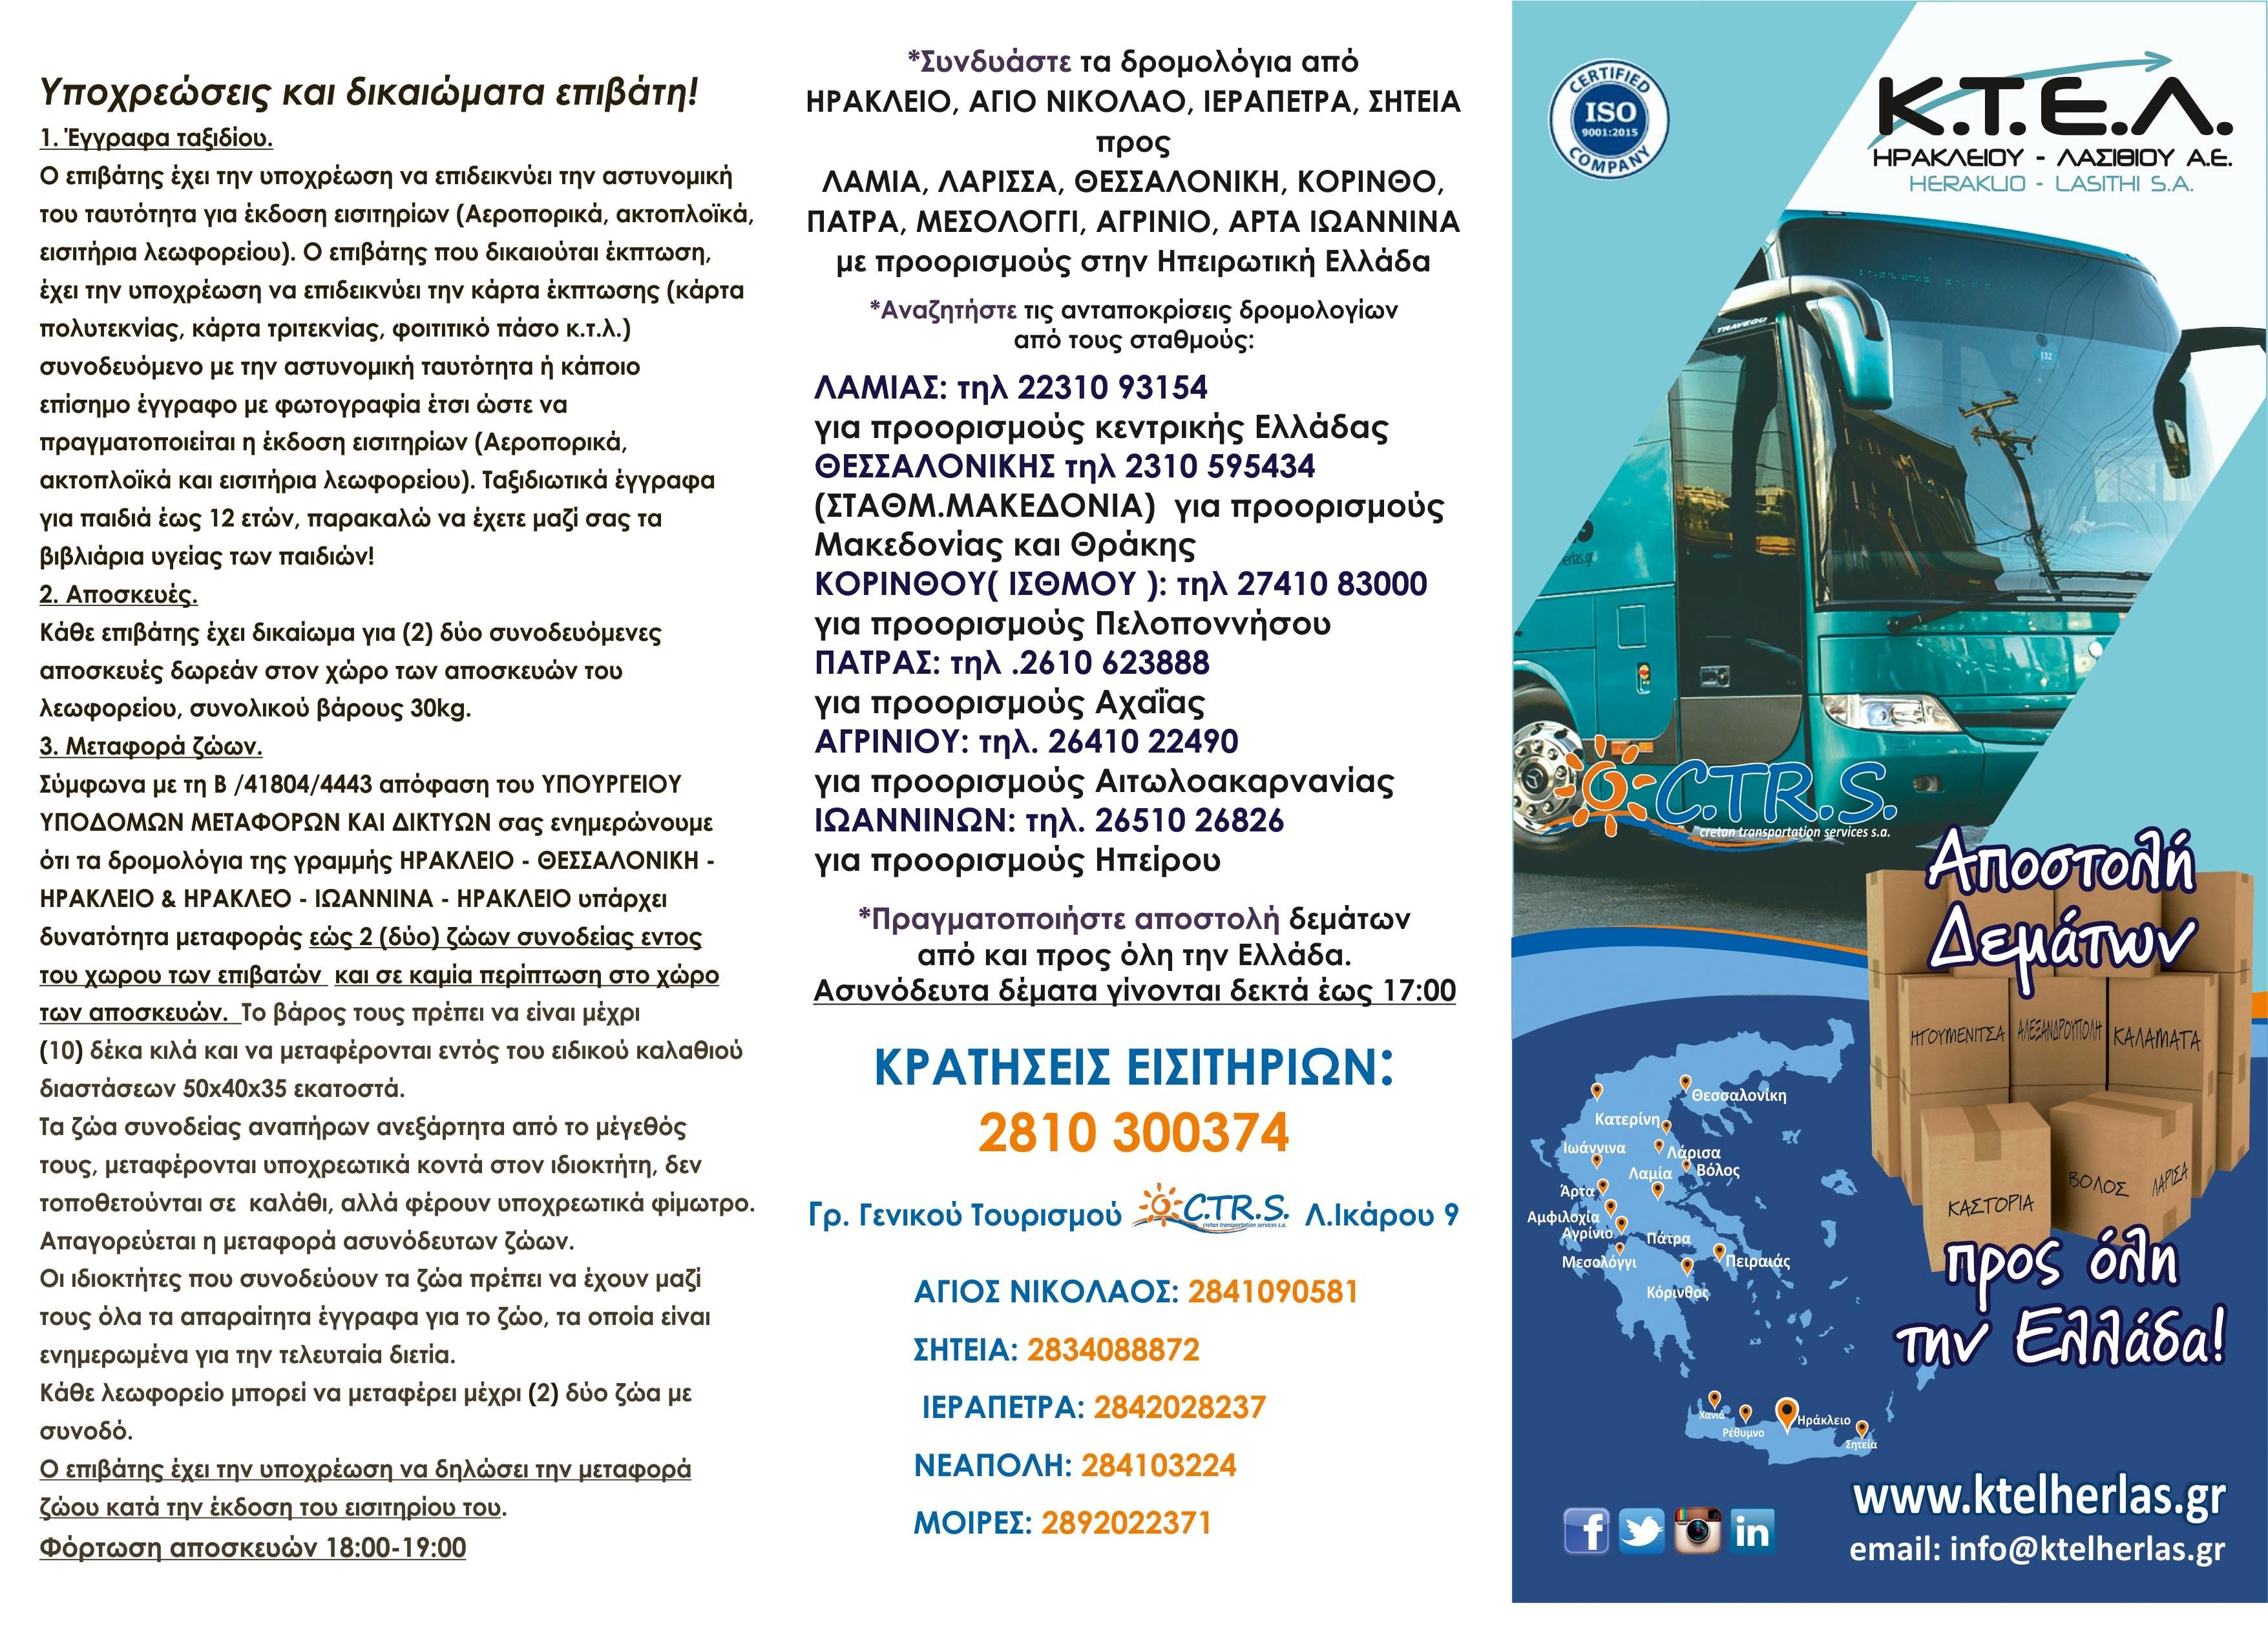 Συνδυασμένες μεταφορές - Δρομολόγια με ανταποκρίσεις σε όλη την Ελλάδα με την ΚΤΕΛ Ηρακλείου Λασιθίου.